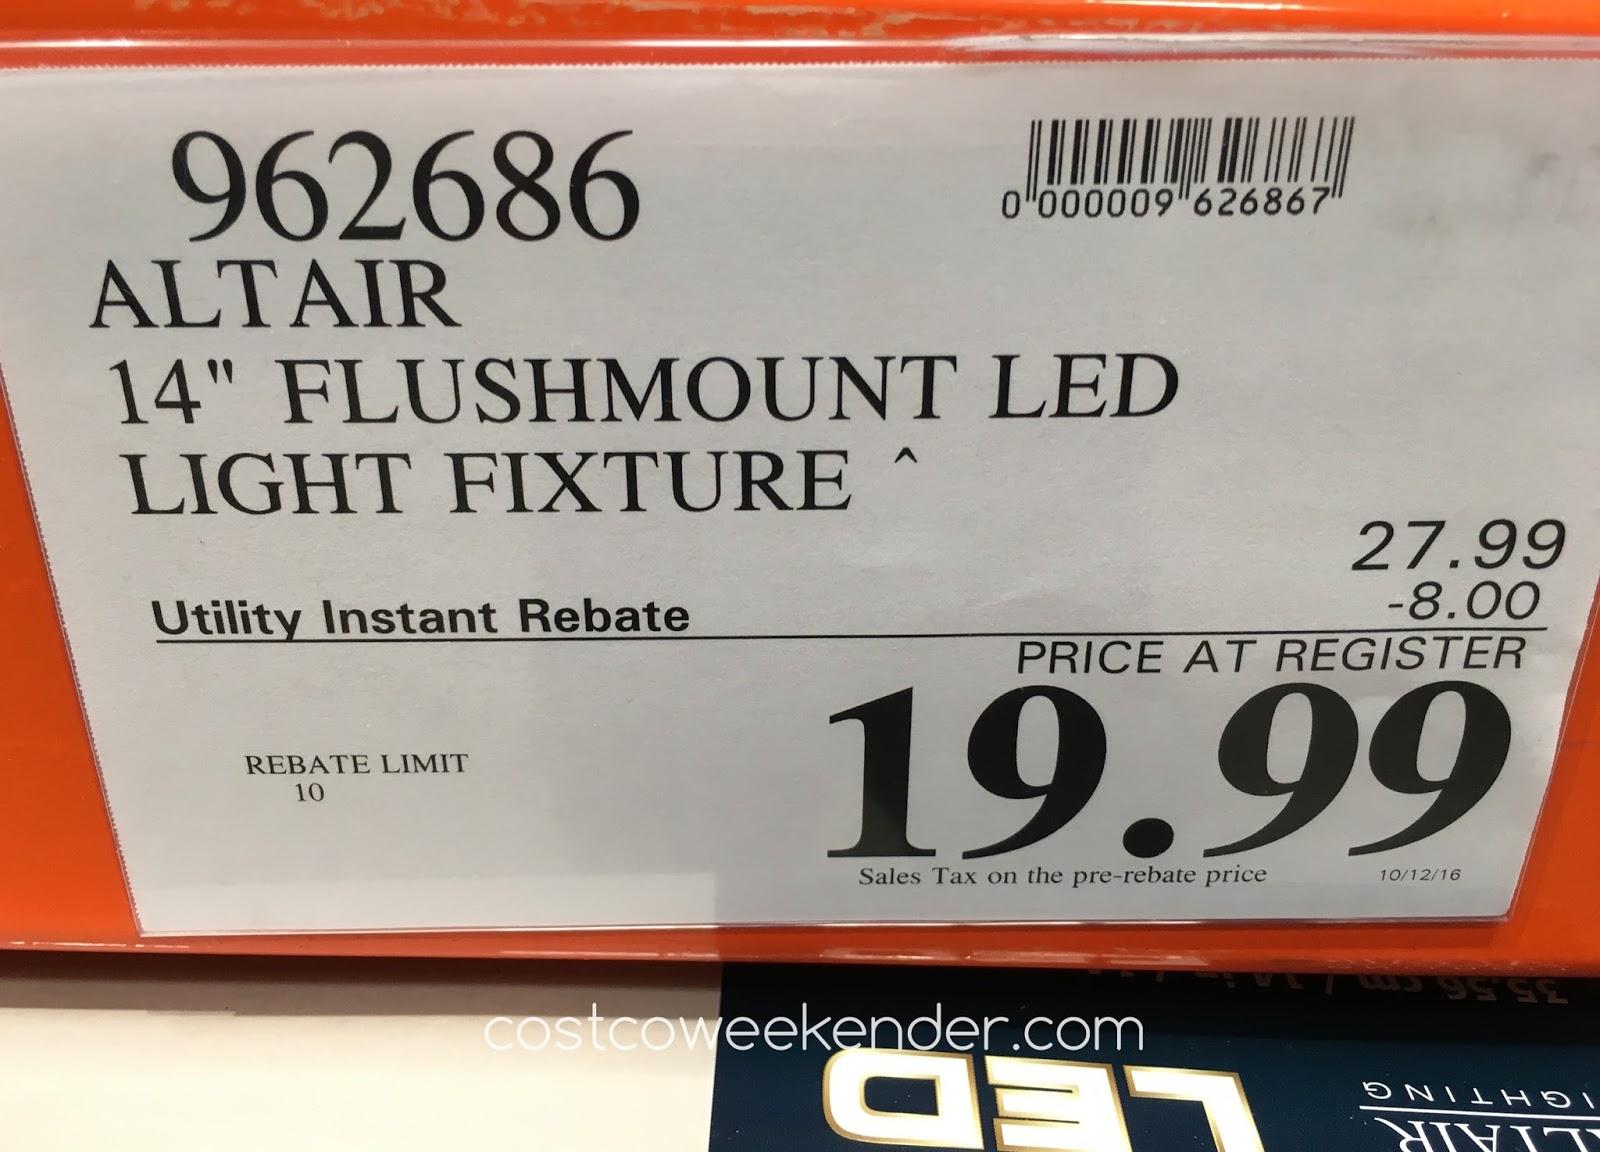 altair 14 inch led flushmount light